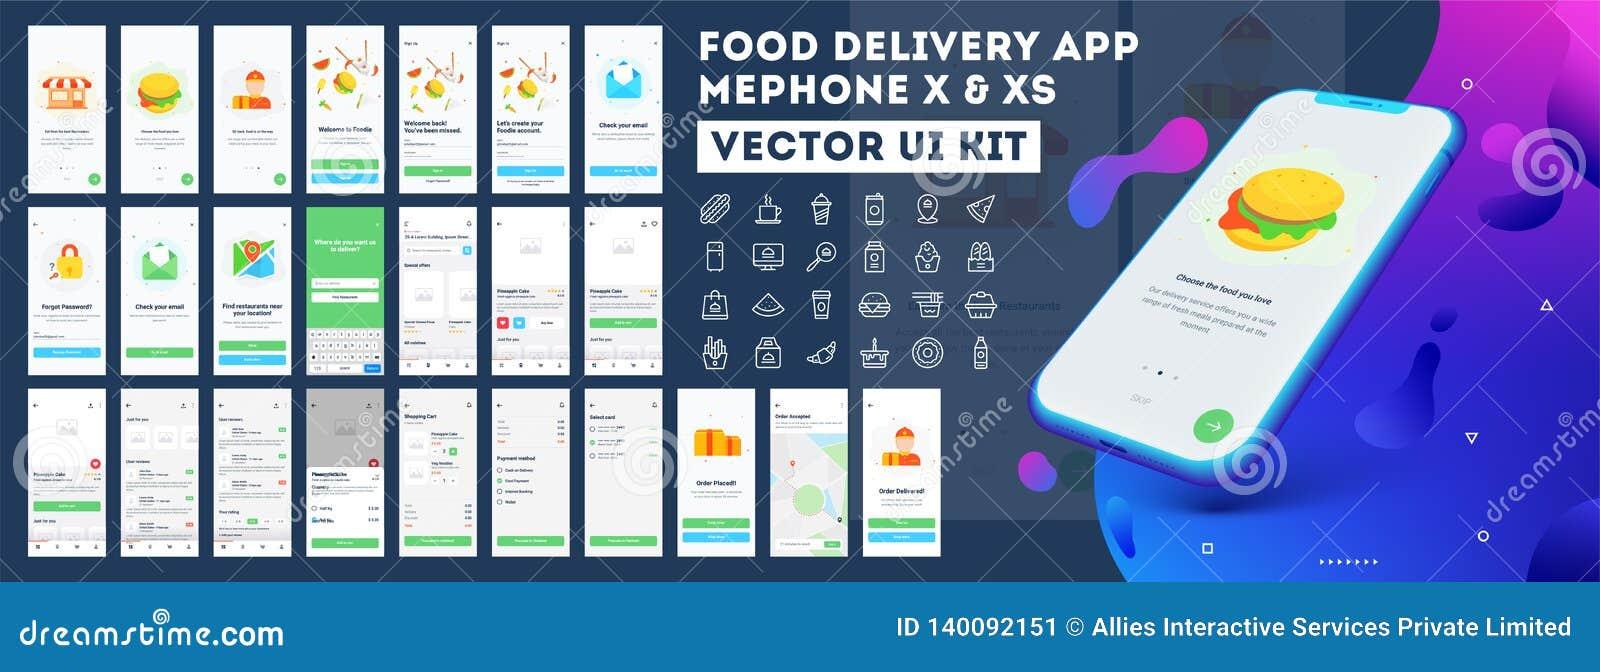 De mobiele toepassing ui uitrusting van de voedsellevering met inbegrip van registreren, voedselmenu, het boeken en de huisdienst